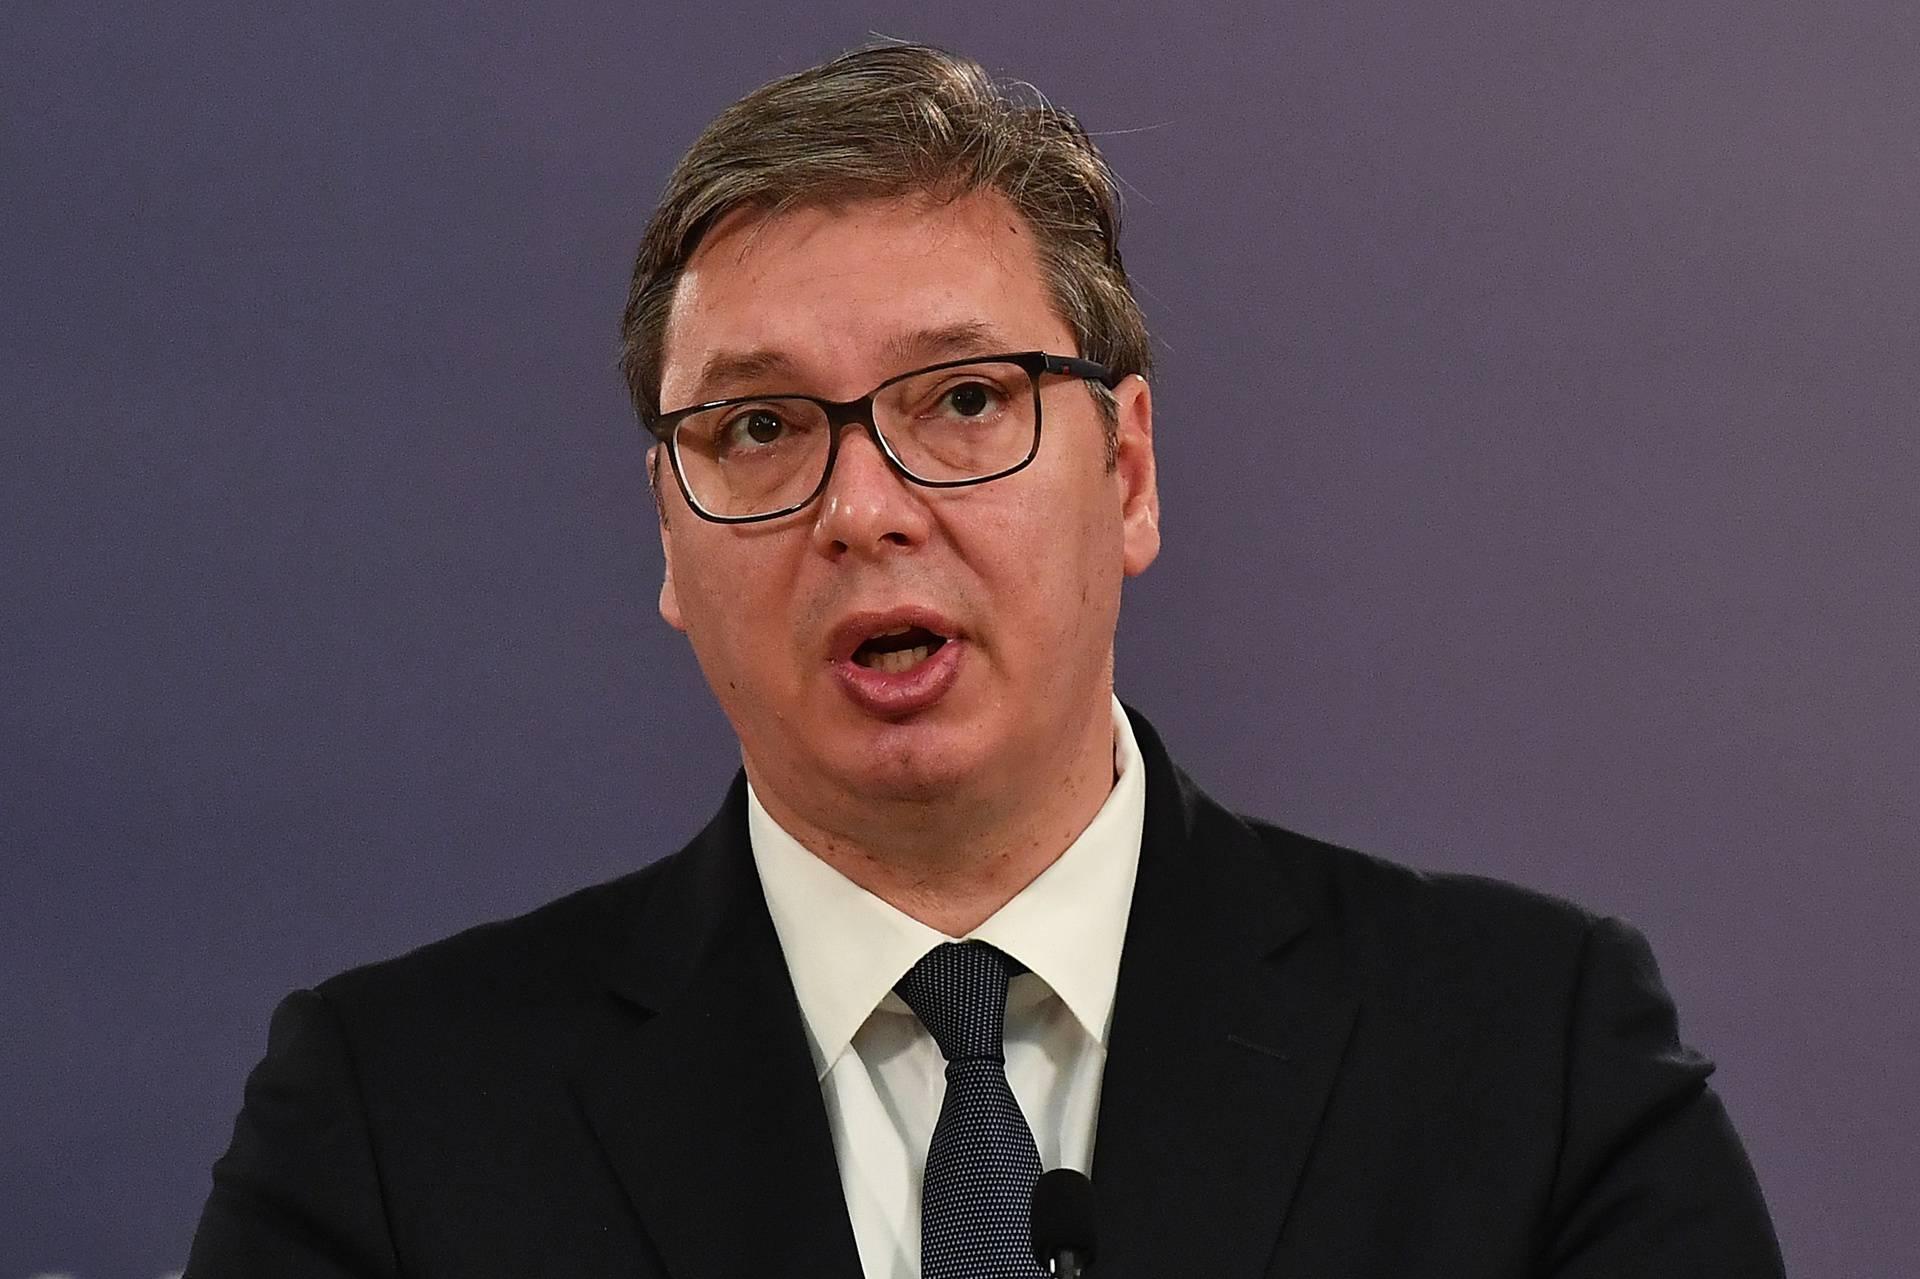 Vučić uoči razgovora o Kosovu: U Bijelu kuću ne idem s bijelom zastavom, tko za što će ponuditi